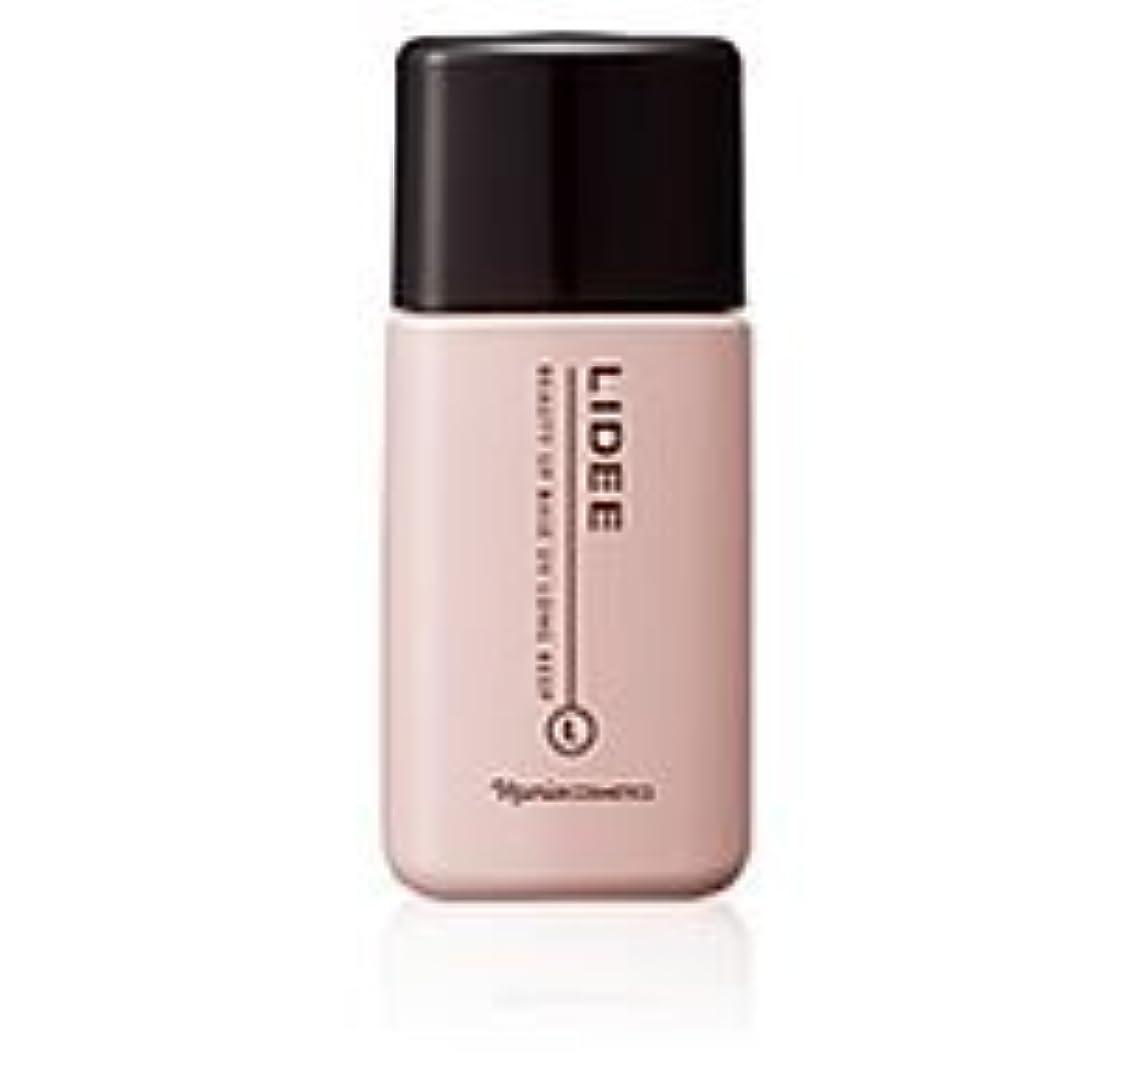 増幅器熱望するローンナリス リディ メーキャップ ベース UV ロングキープ (化粧下地) 27ml (ベージュ)